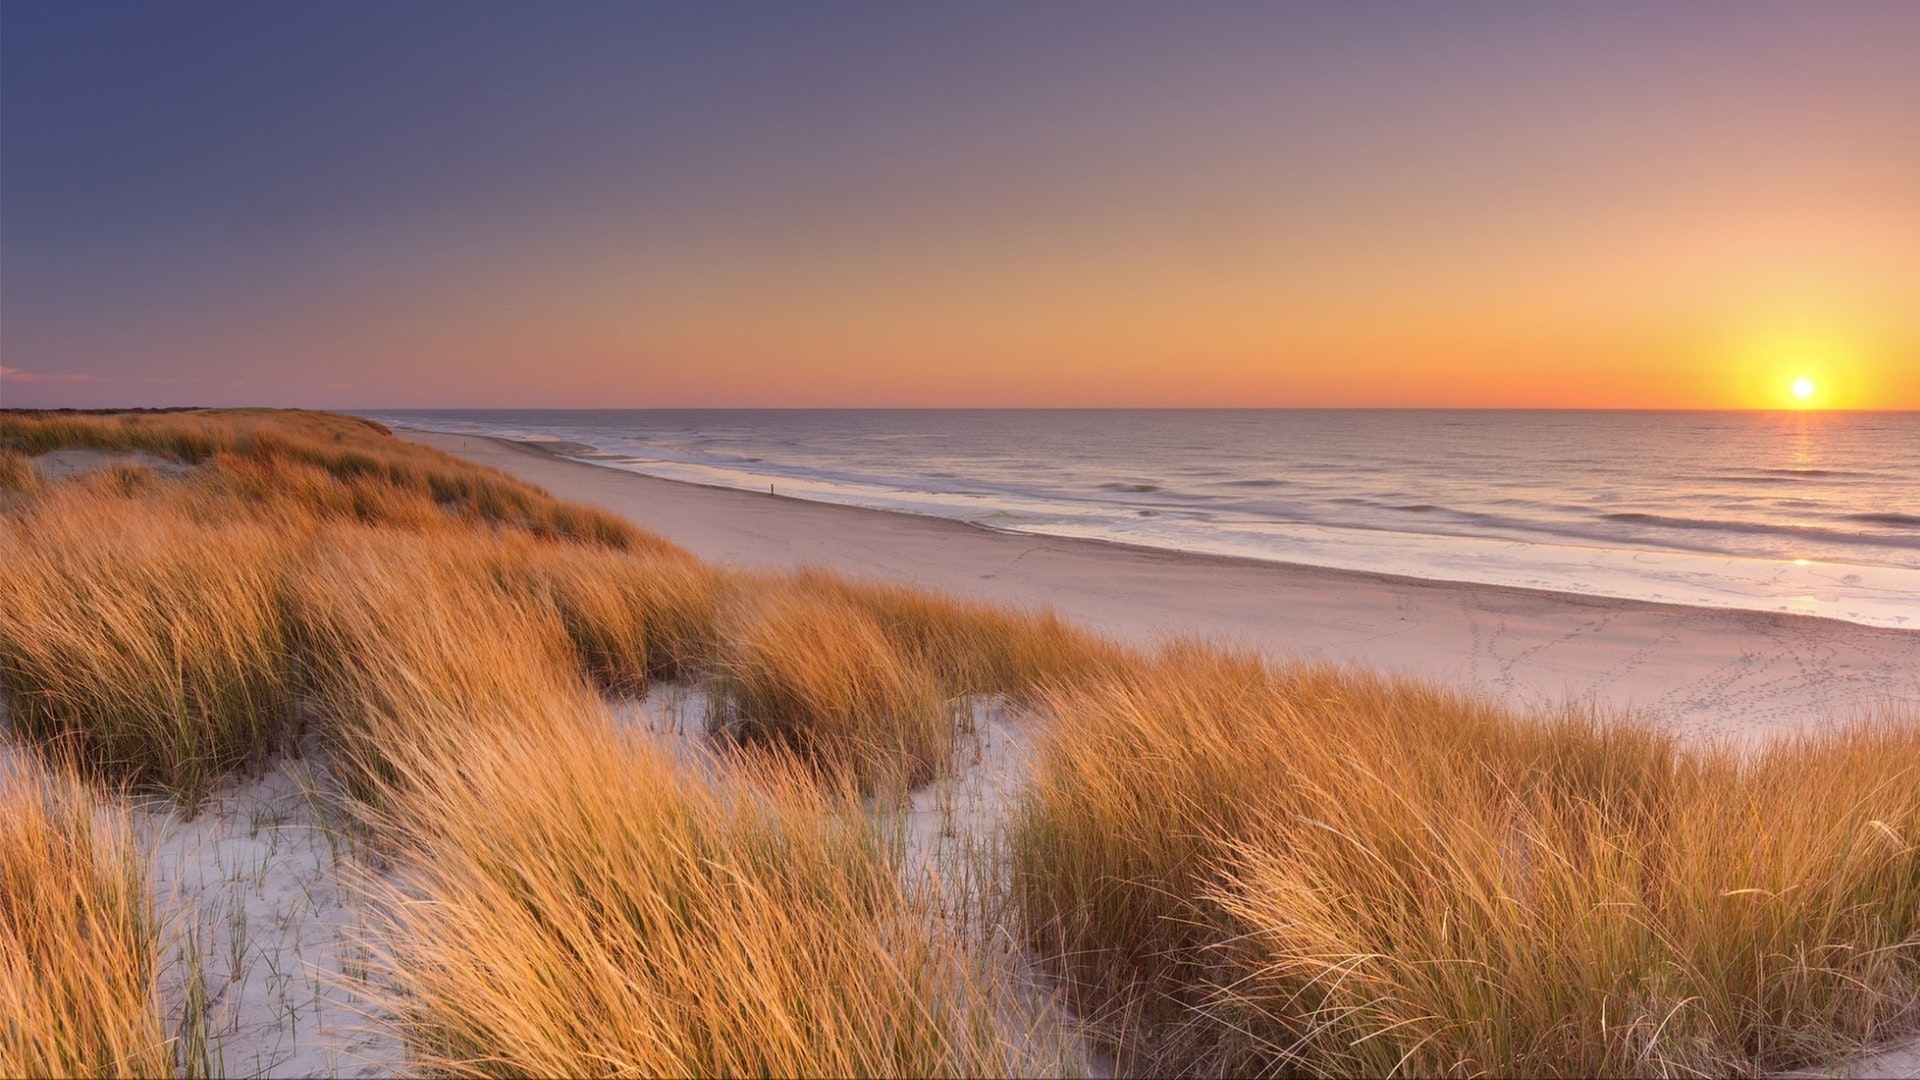 Высокие дюны с дюнной травой и широким пляжем внизу